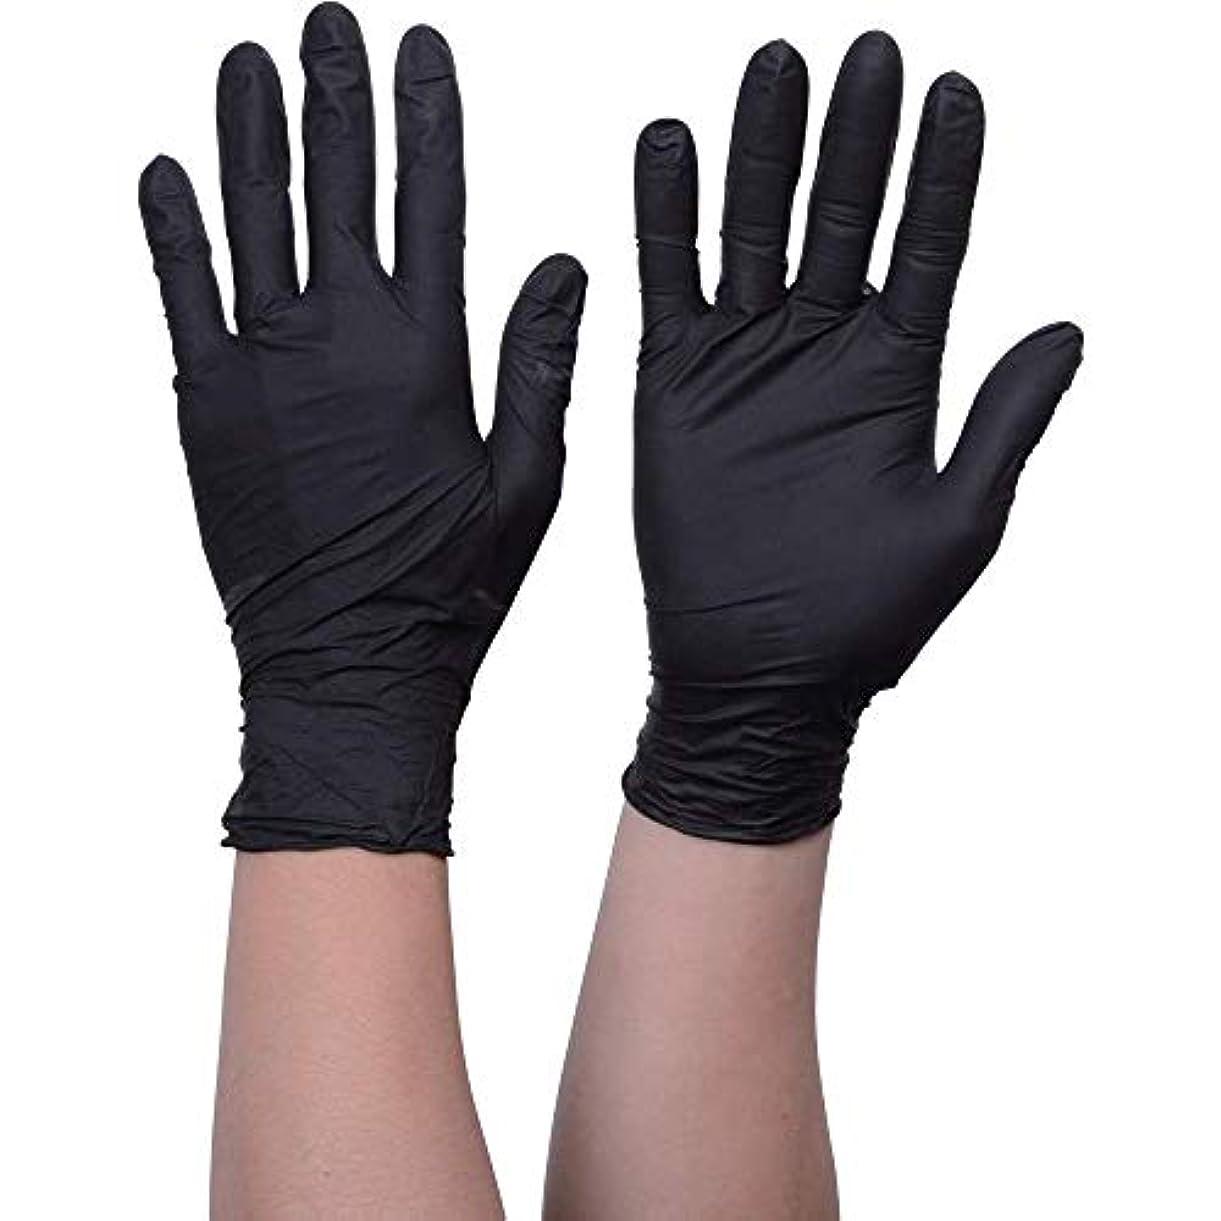 緩む定刻マーチャンダイザーニトリル手袋 使い捨て手袋防水耐油耐久性が強い上に軽く高品質ブラック100枚入